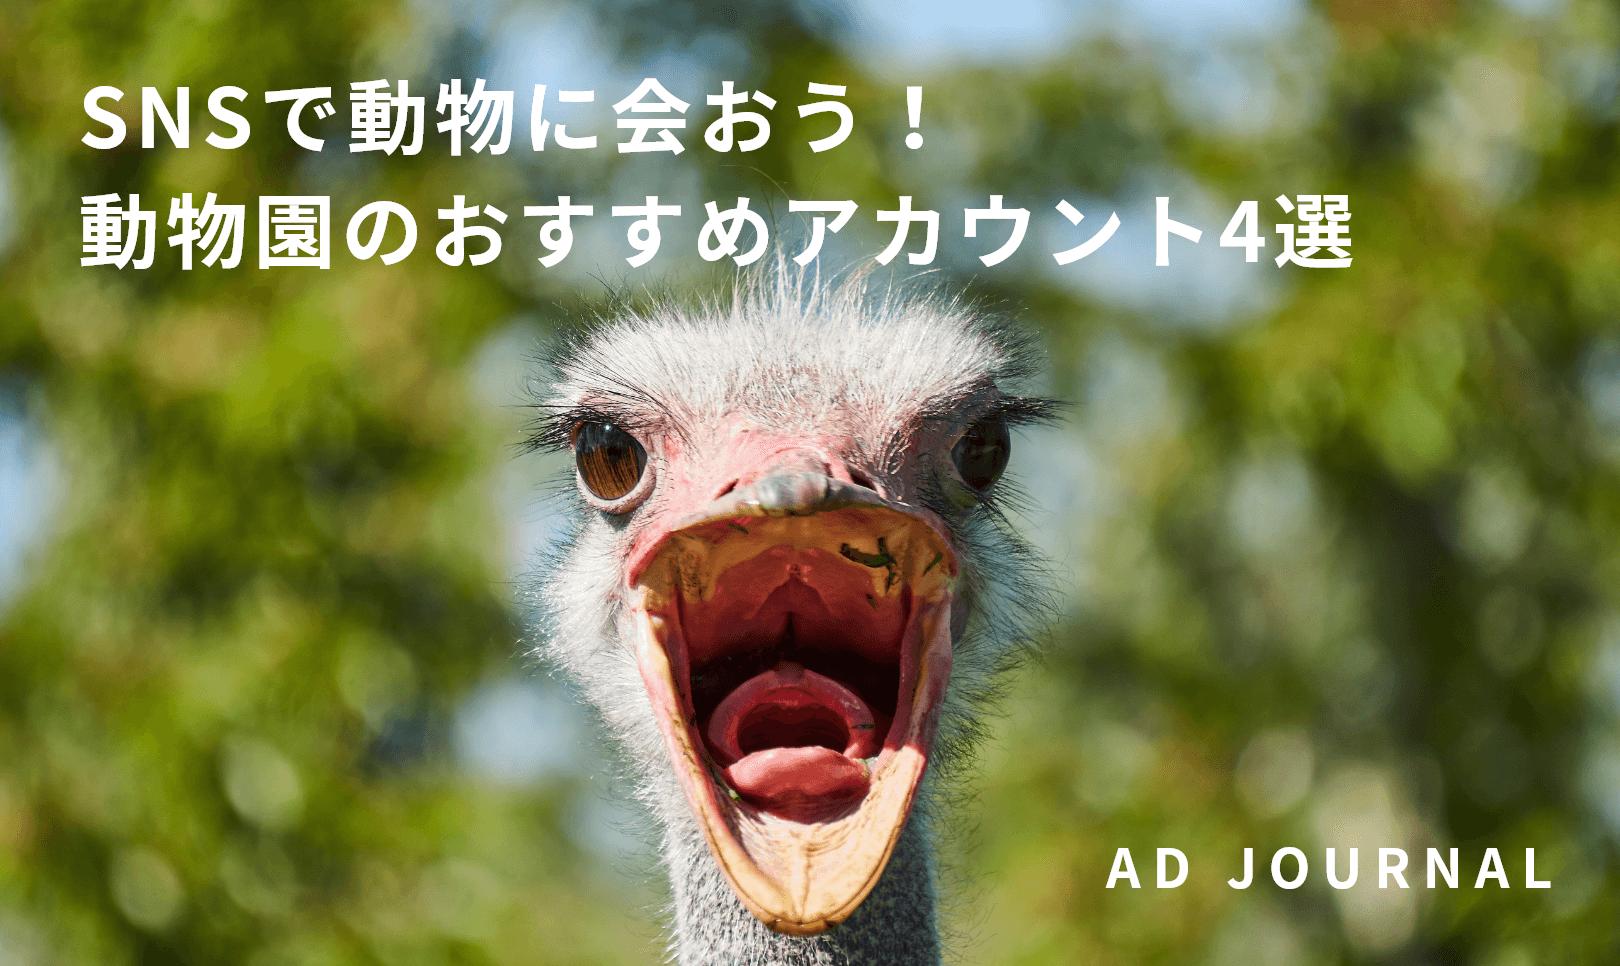 SNSで動物に会おう!動物園のおすすめアカウント4選